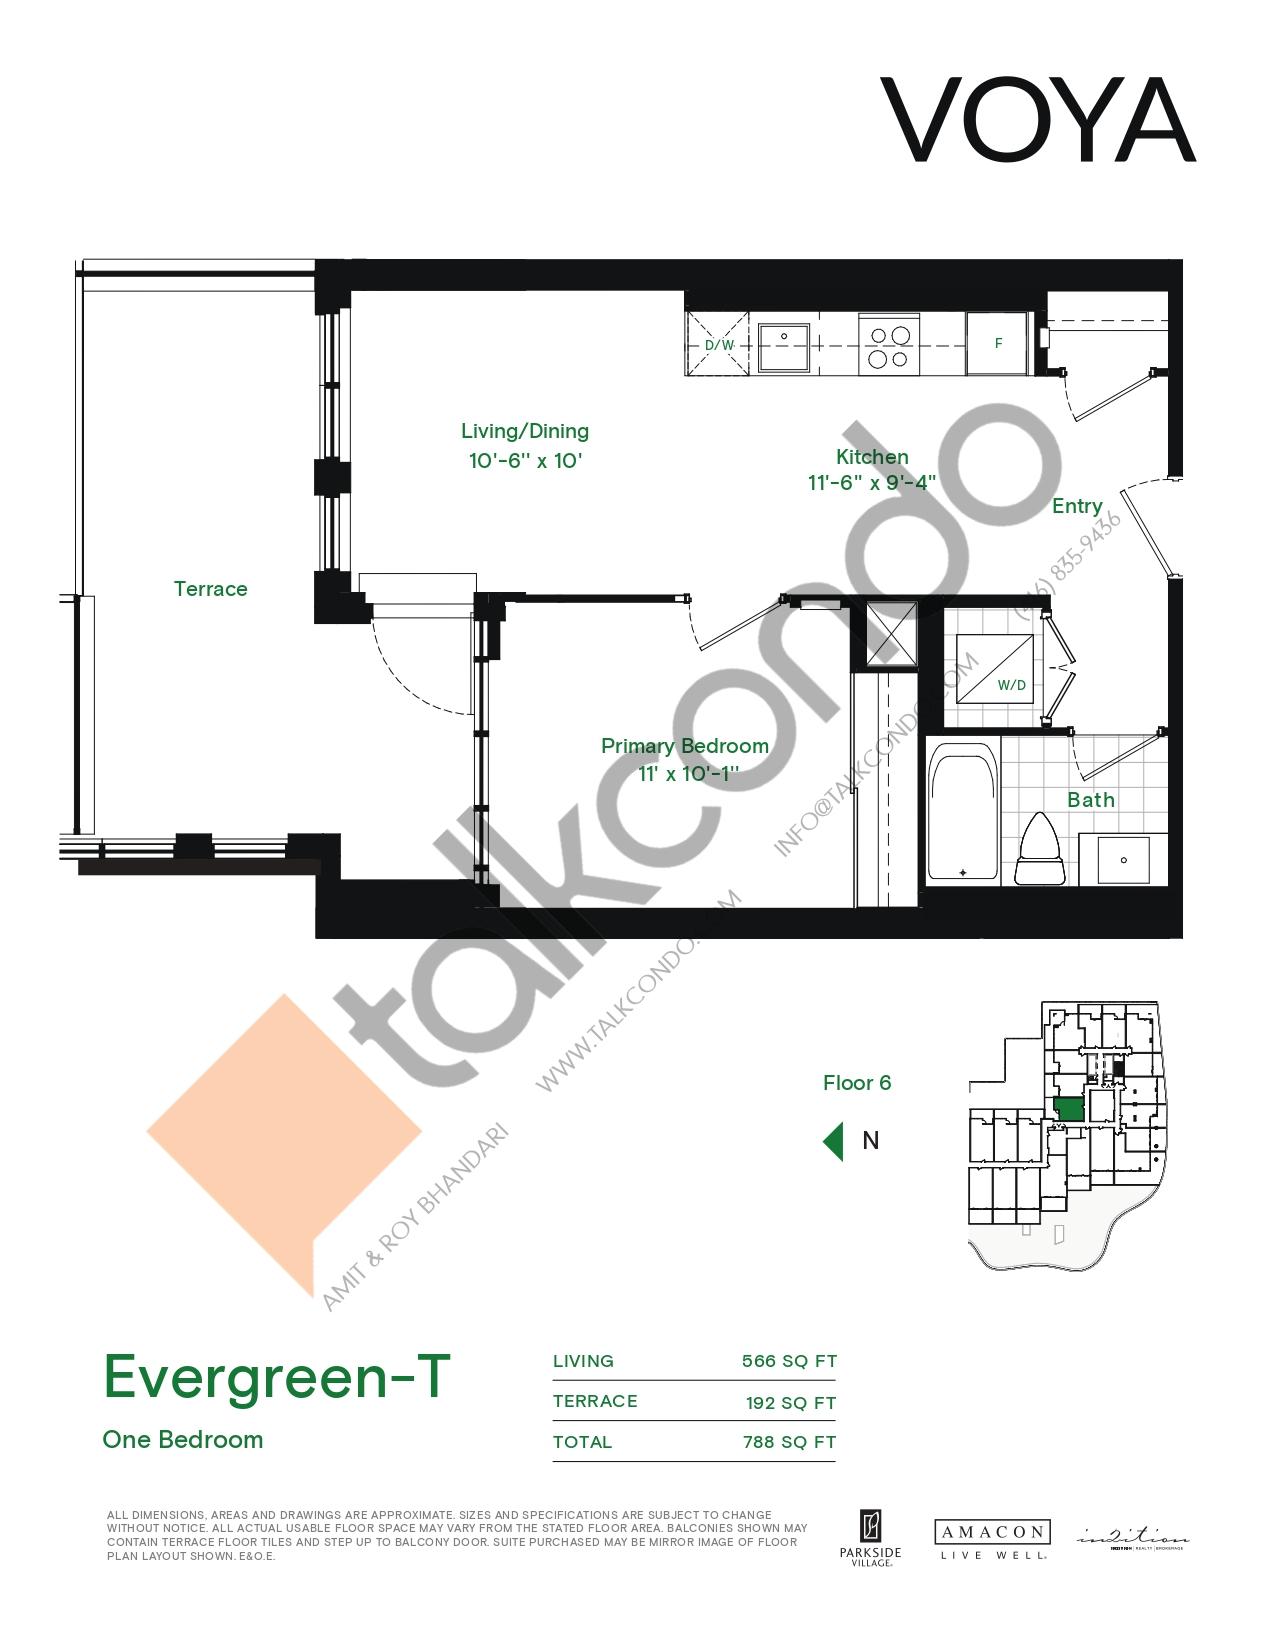 Evergreen-T (Podium) Floor Plan at Voya at Parkside Village Condos - 566 sq.ft